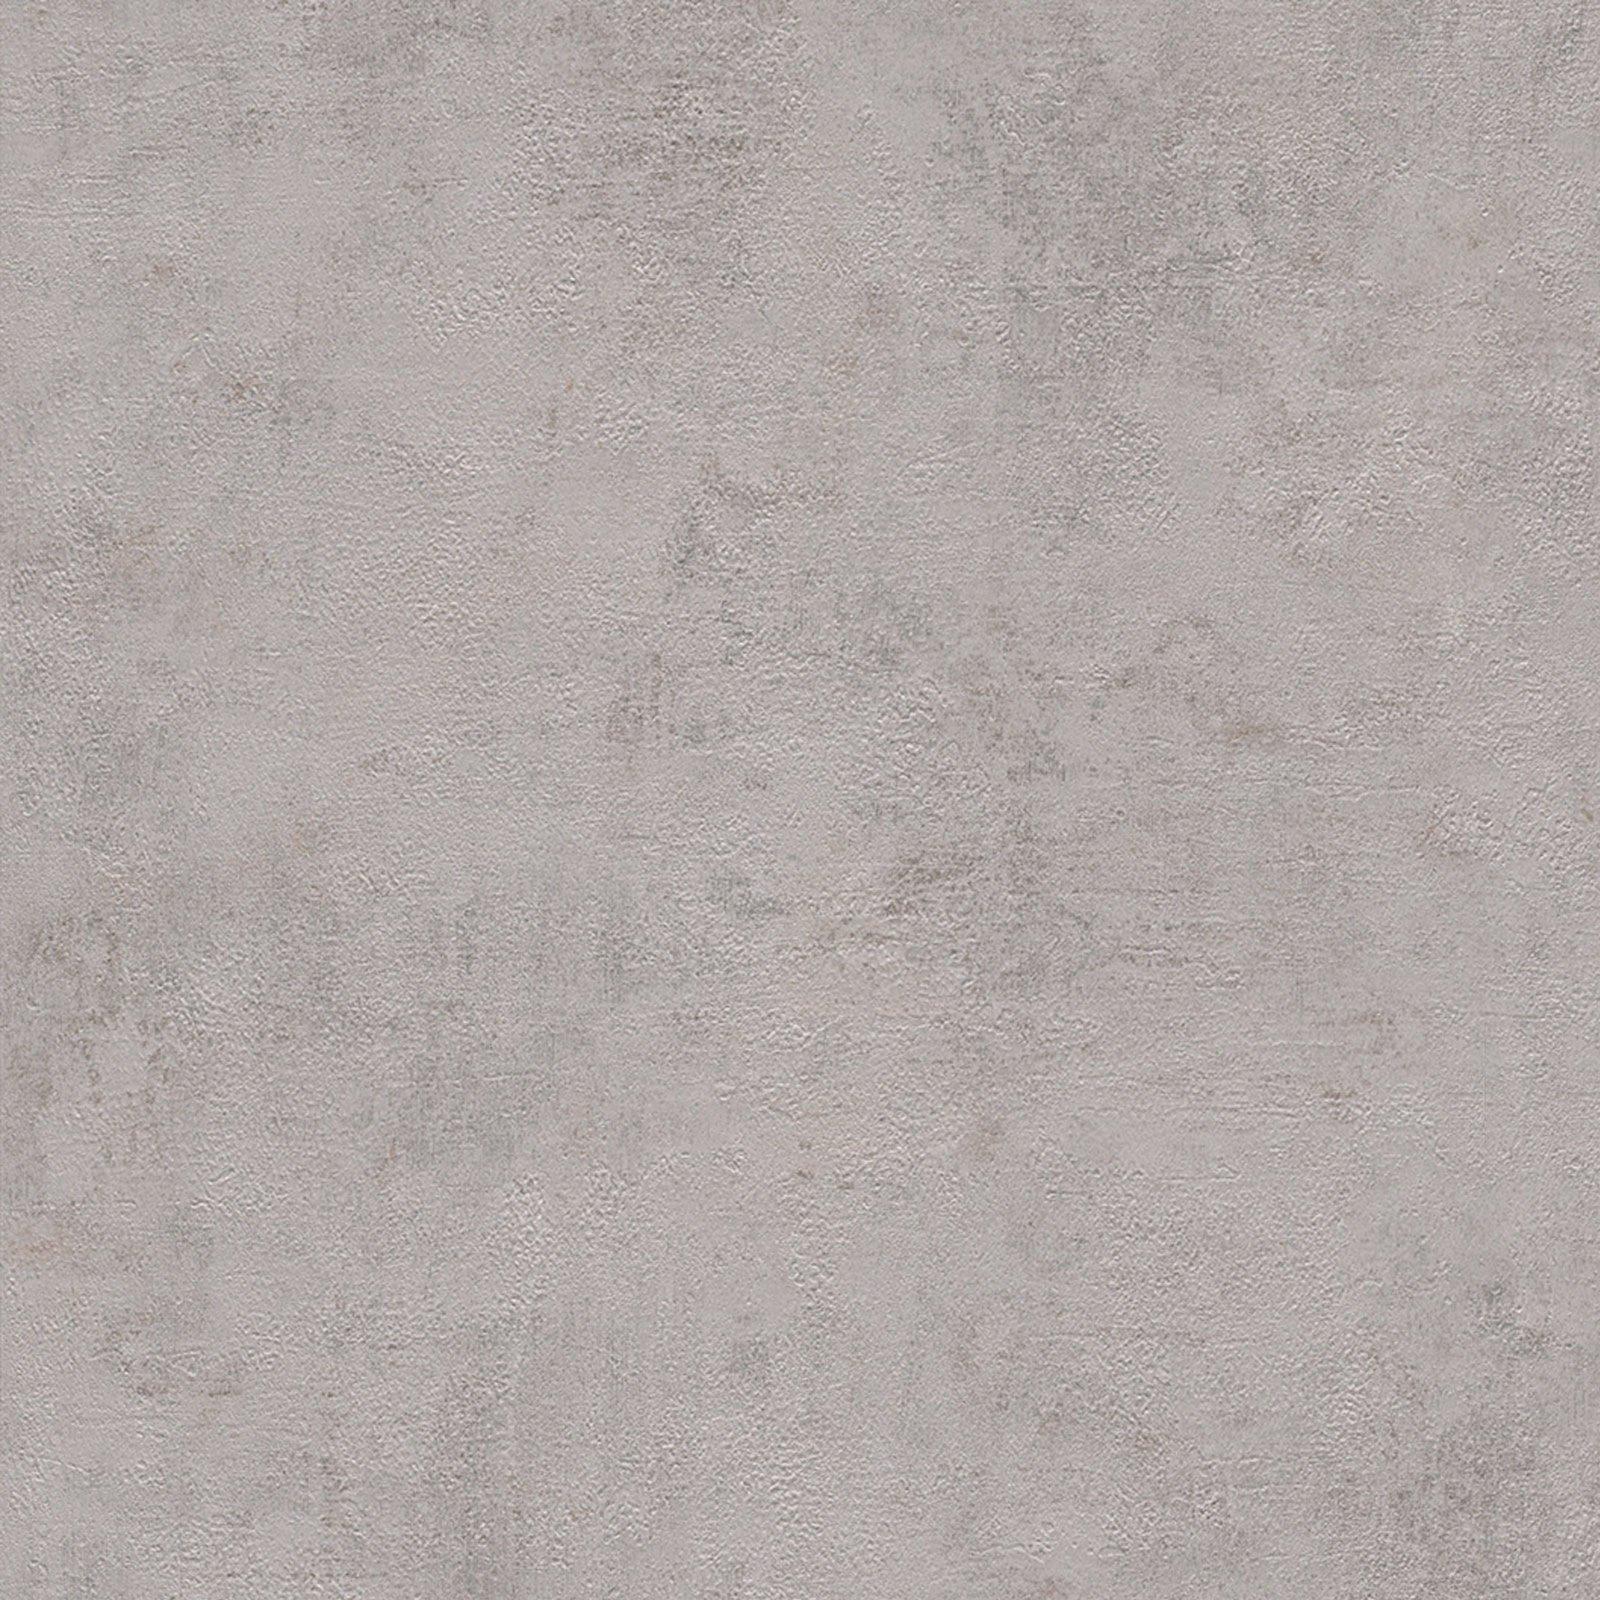 Papiertapete uni grau 10 meter papiertapeten for Tapeten roller